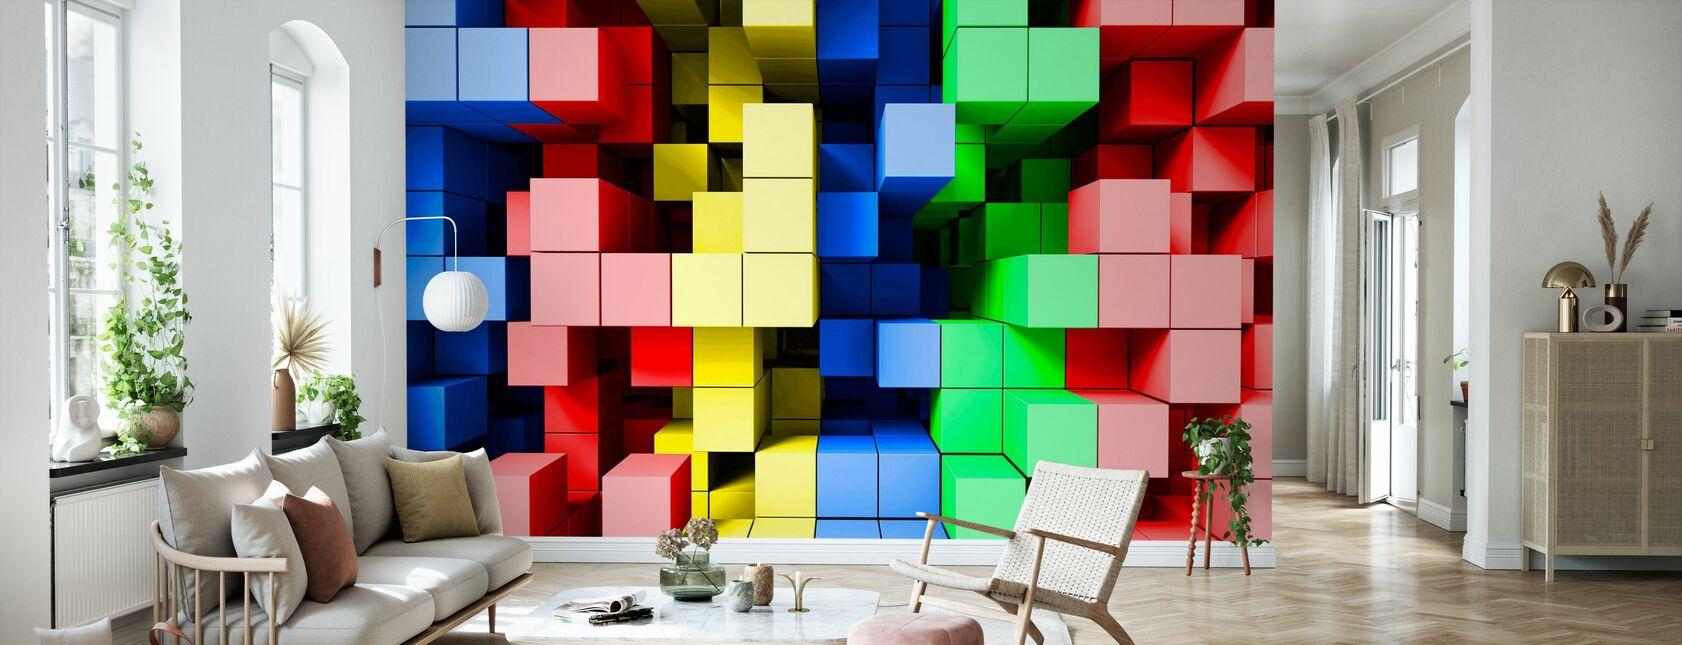 Deep Tetris Color - Wallpaper - Living Room